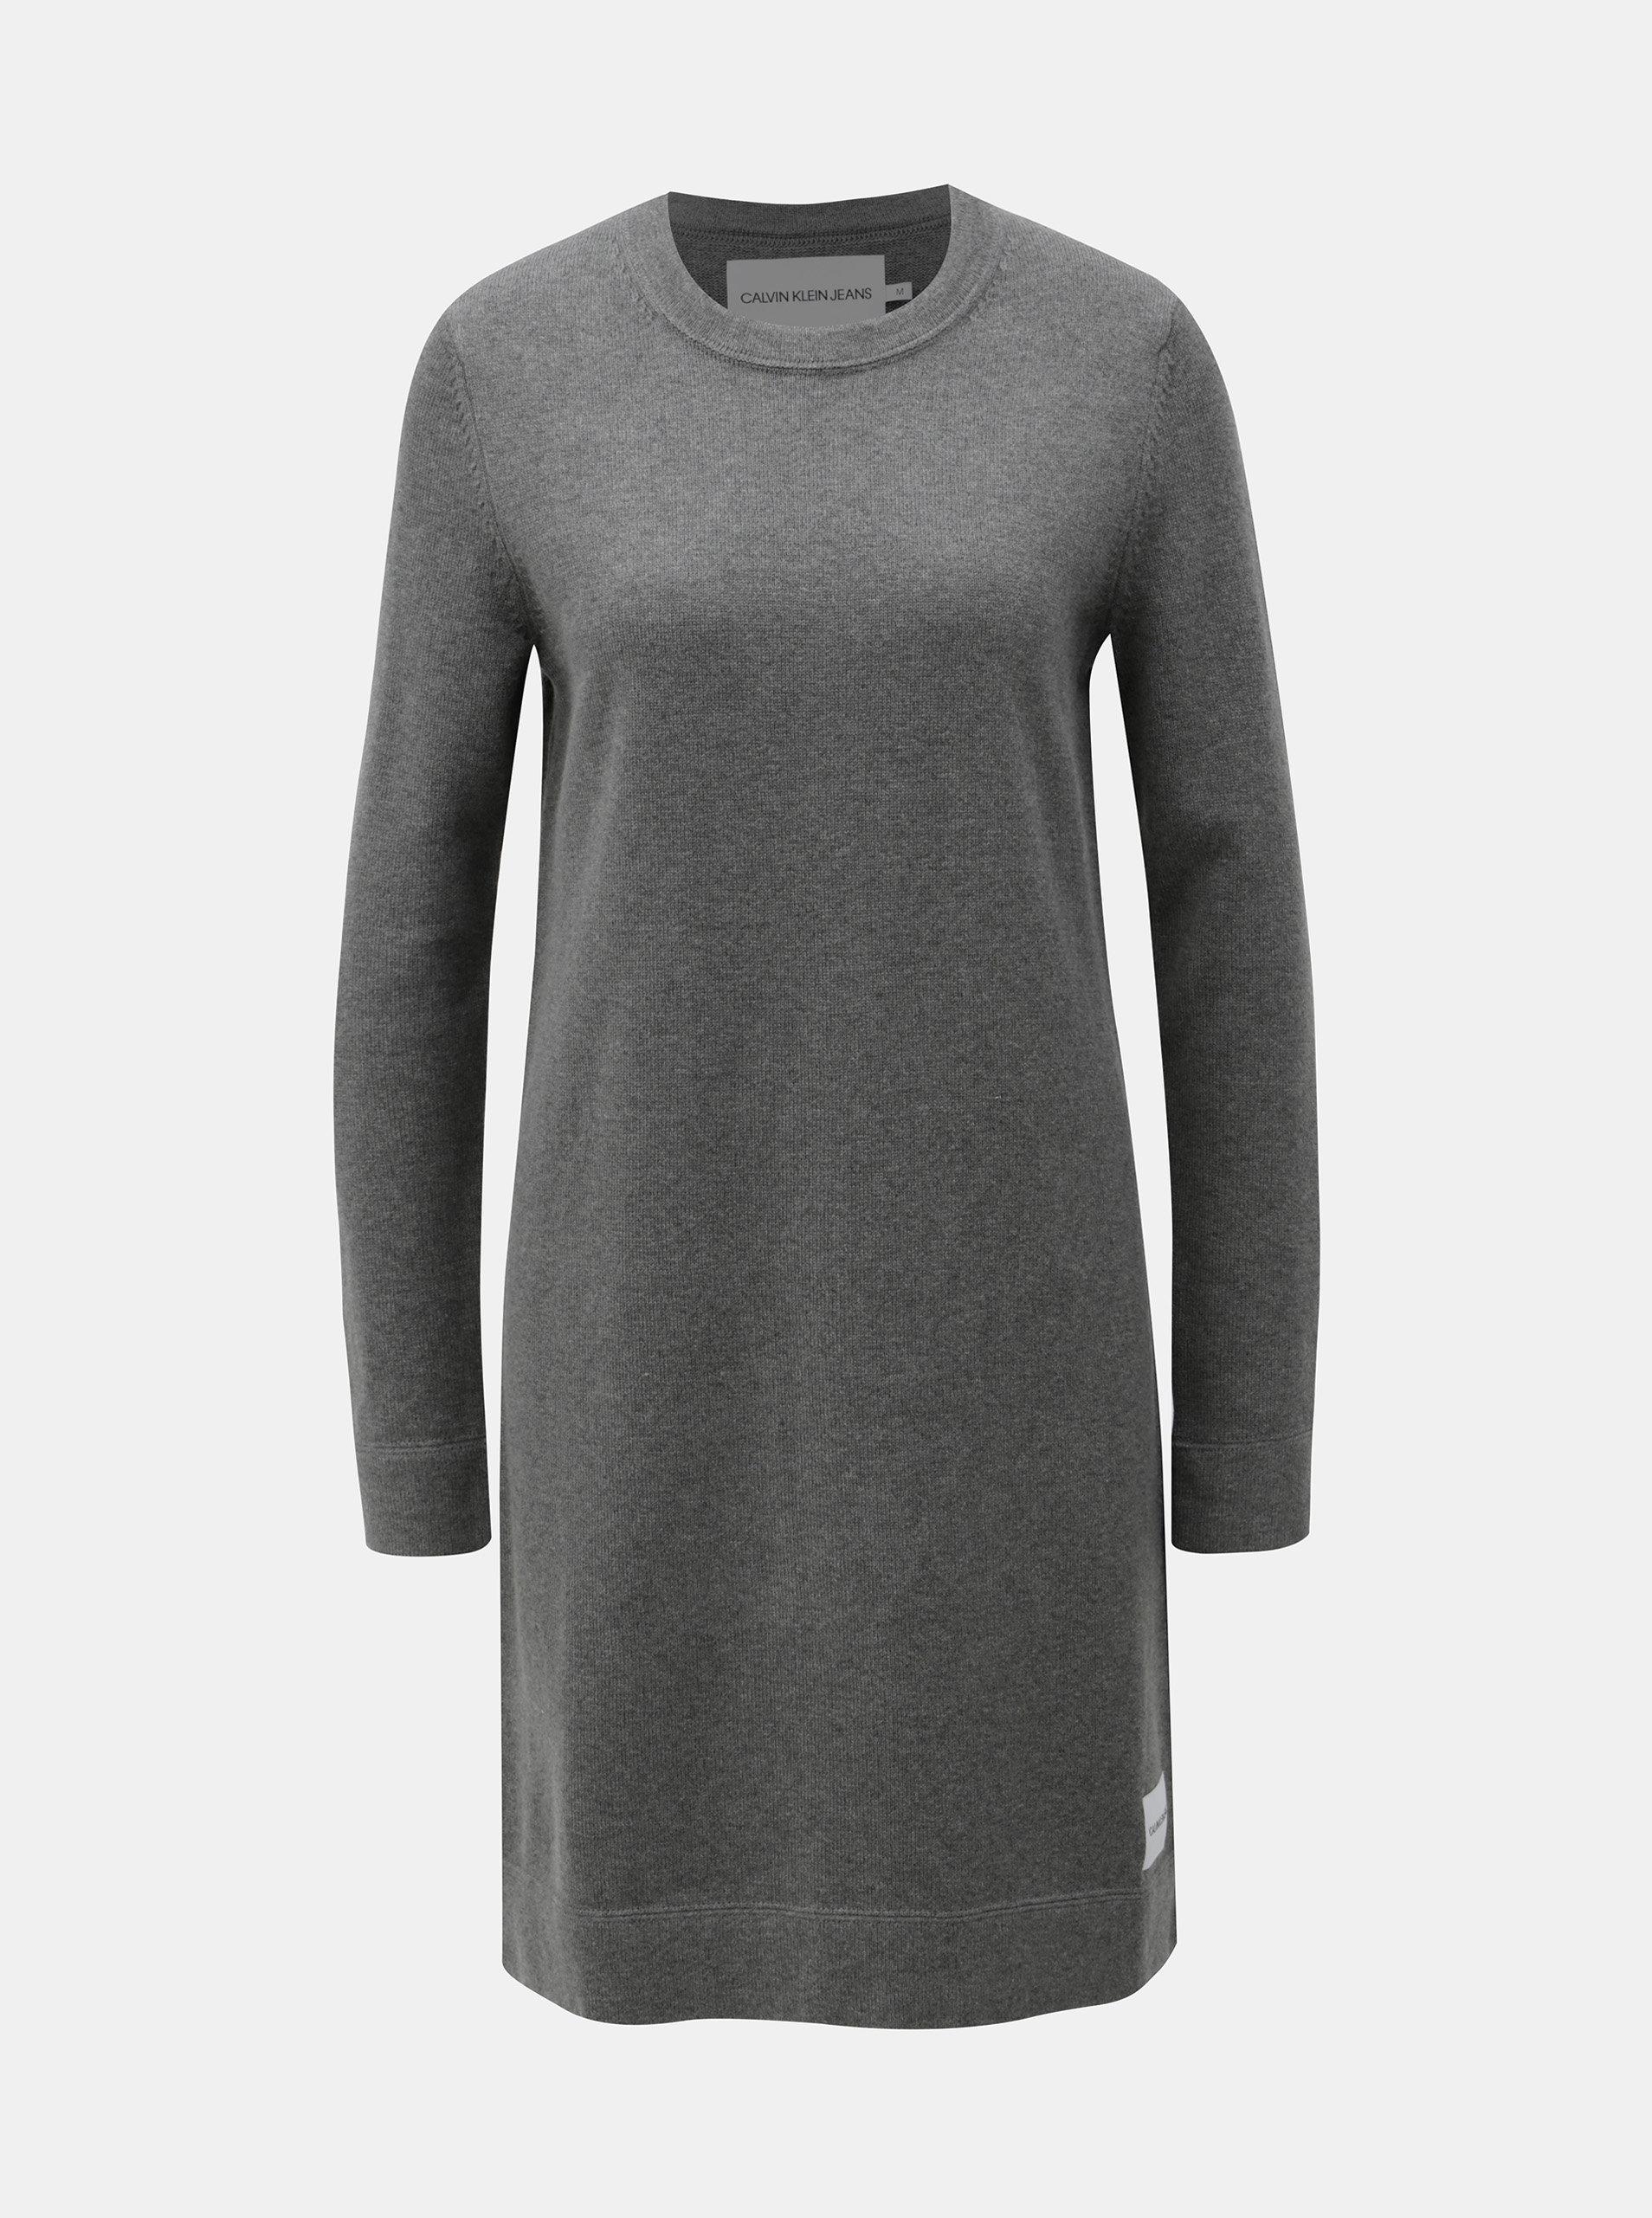 23fa96465aa8 Sivé svetrové šaty s prímesou vlny Calvin Klein Jeans ...